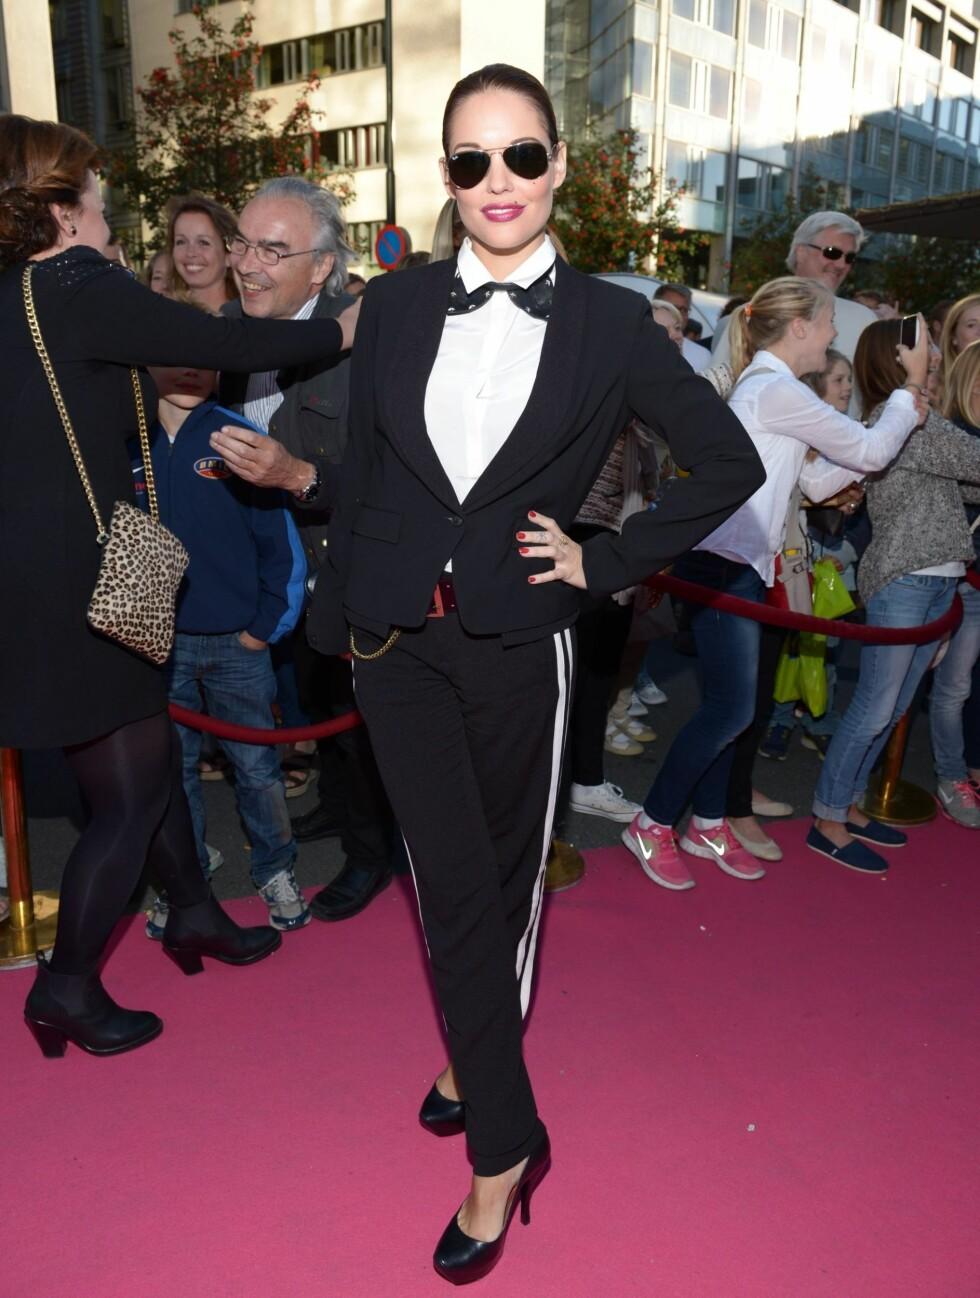 FOXY: Triana Iglesias hadde for anledningen tatt på seg dress, og stilte i et par frekke Alexander McQueen-stiletter. Men slips og sløyfe ble for klaustrofobisk for skuespilleren og programlederen, som måtte ty til en improvisert sløyfe av en kaninør Foto: Stella Pictures